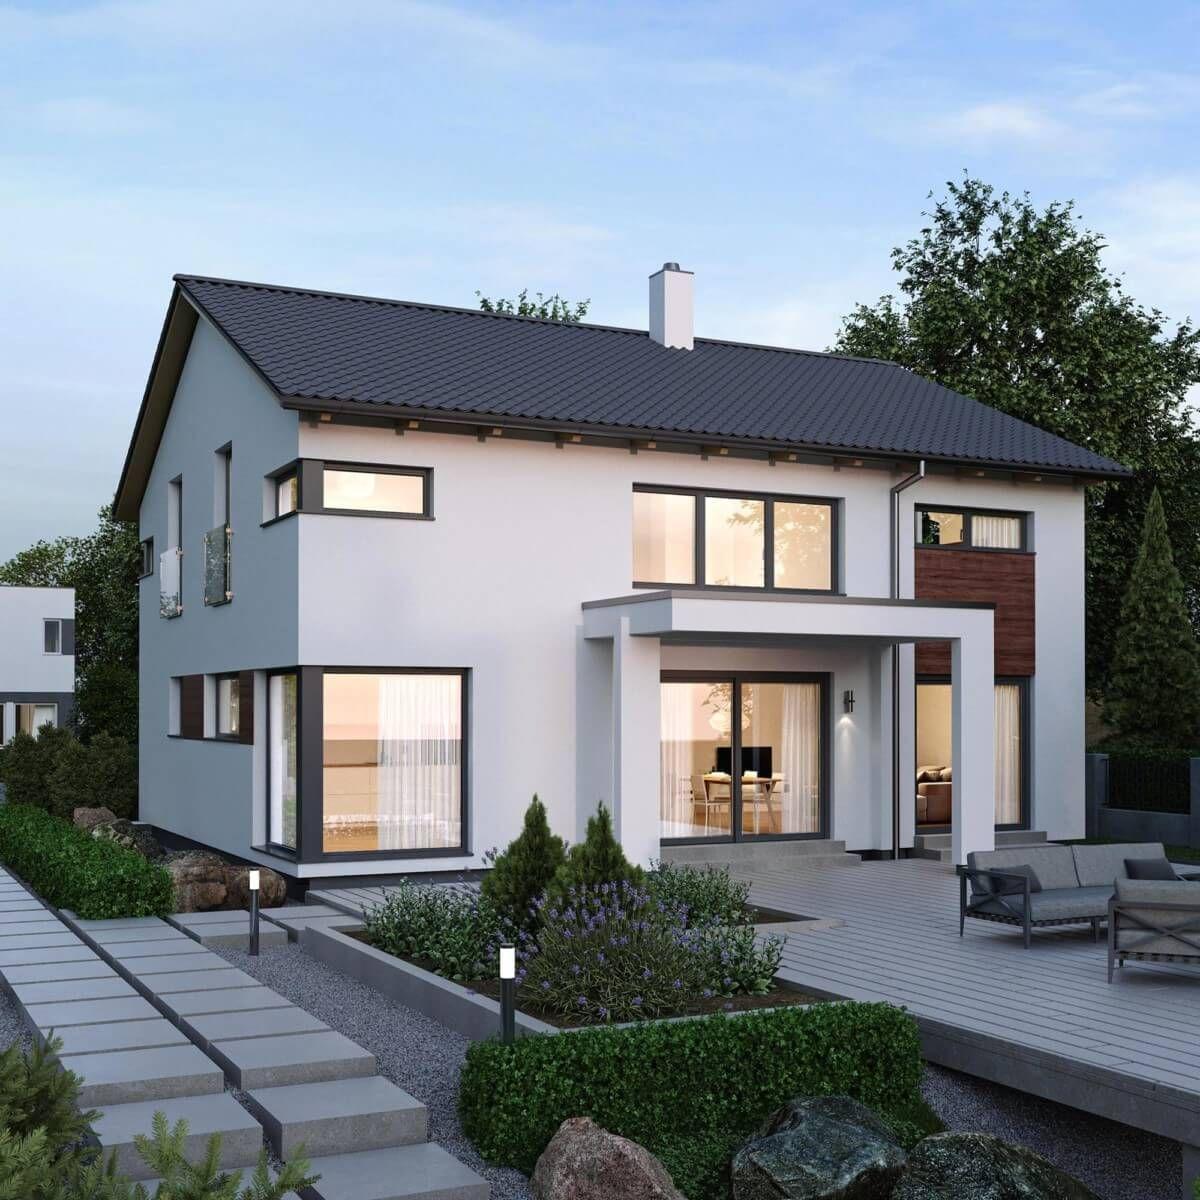 Modernes Einfamilienhaus mit Satteldach Architektur & Galerie - Haus ...